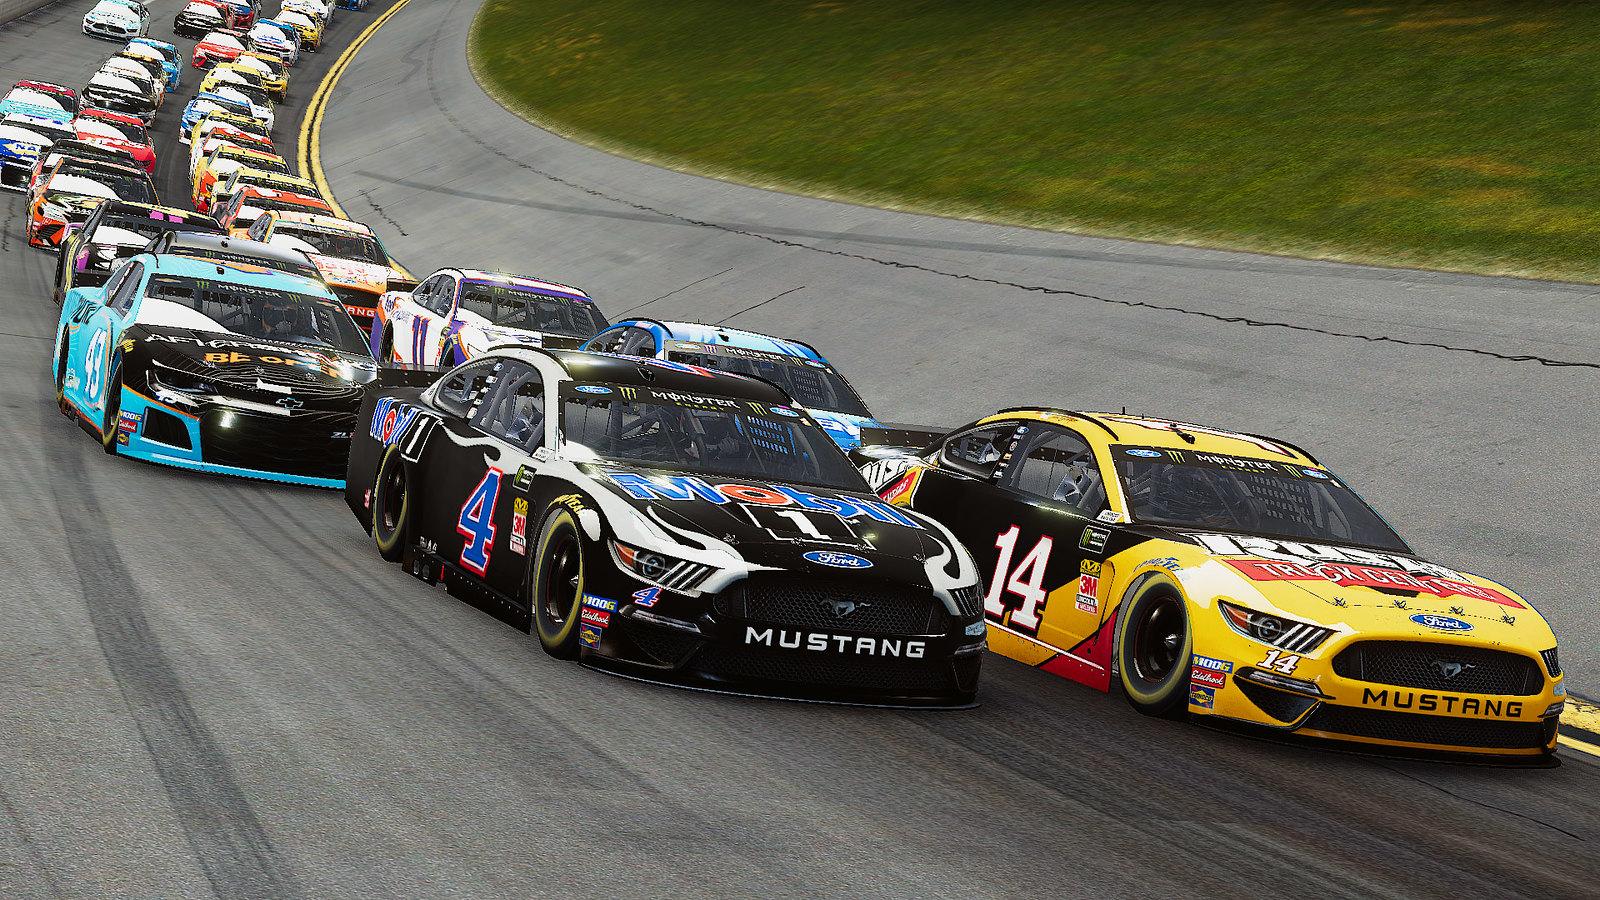 49959898821 f1f8ed32ac h - Metro Exodus, Dishonored 2 und NASCAR 4 bekommt ihr im Juni über PS Now